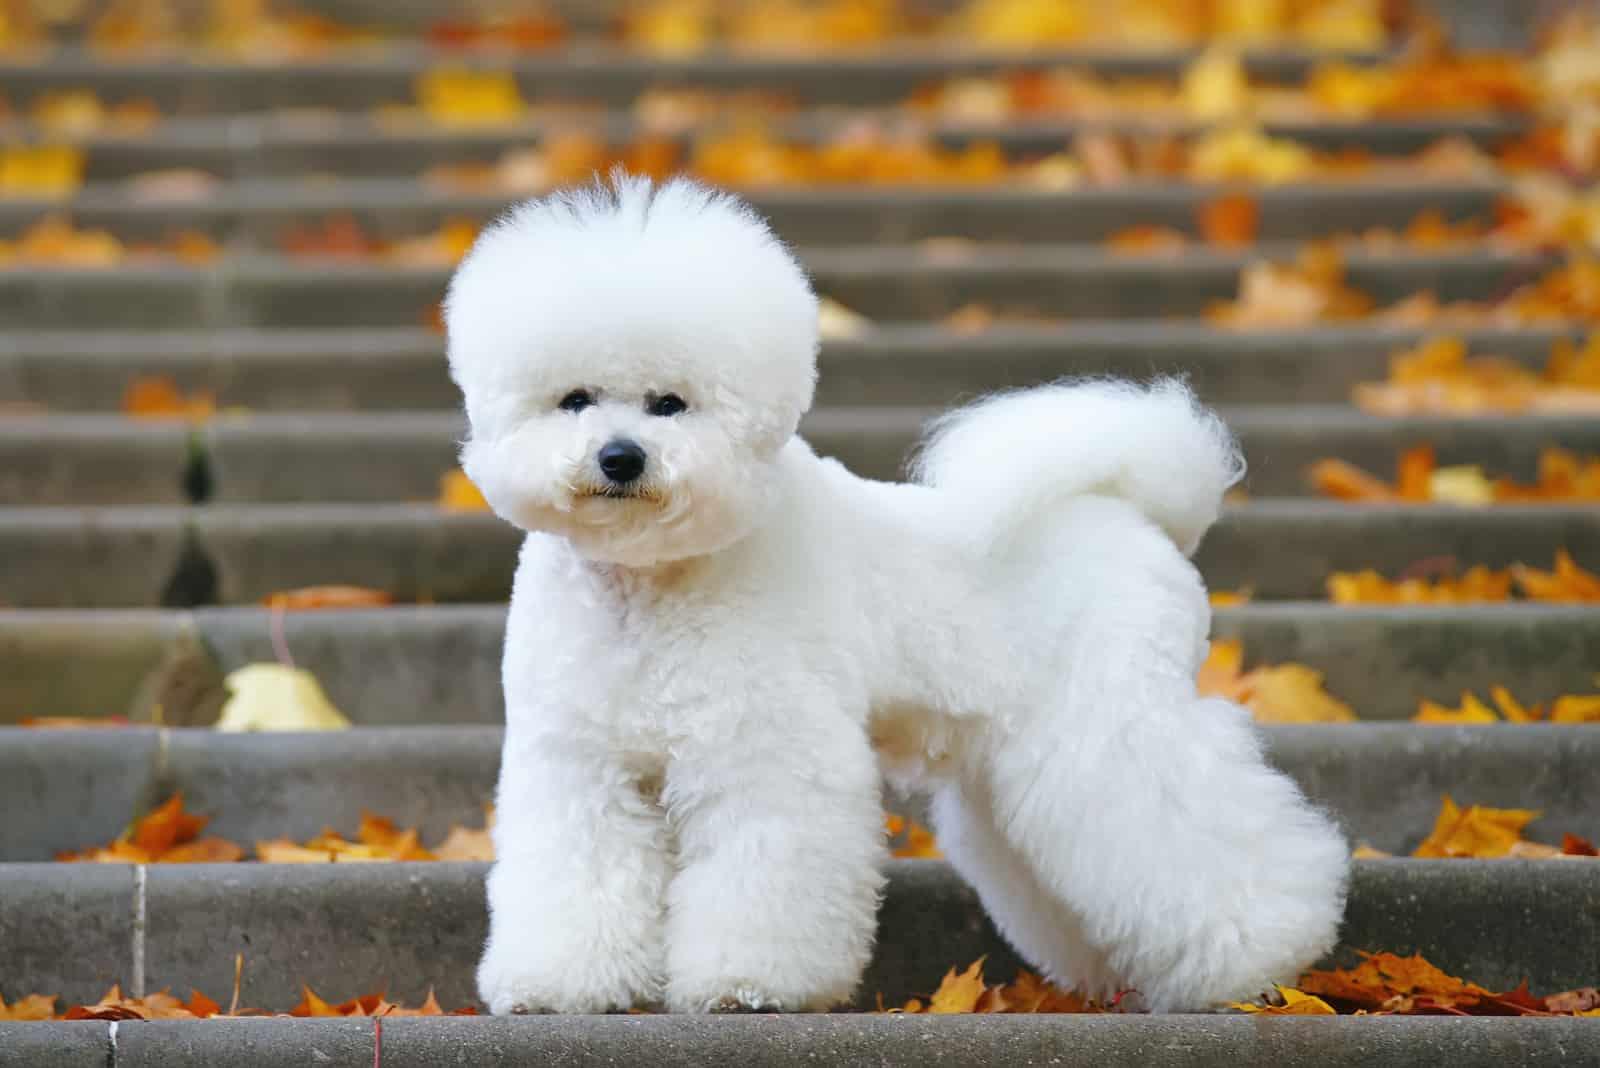 Bichon Frise Hund mit stylischem Haarschnitt steht auf der Treppe